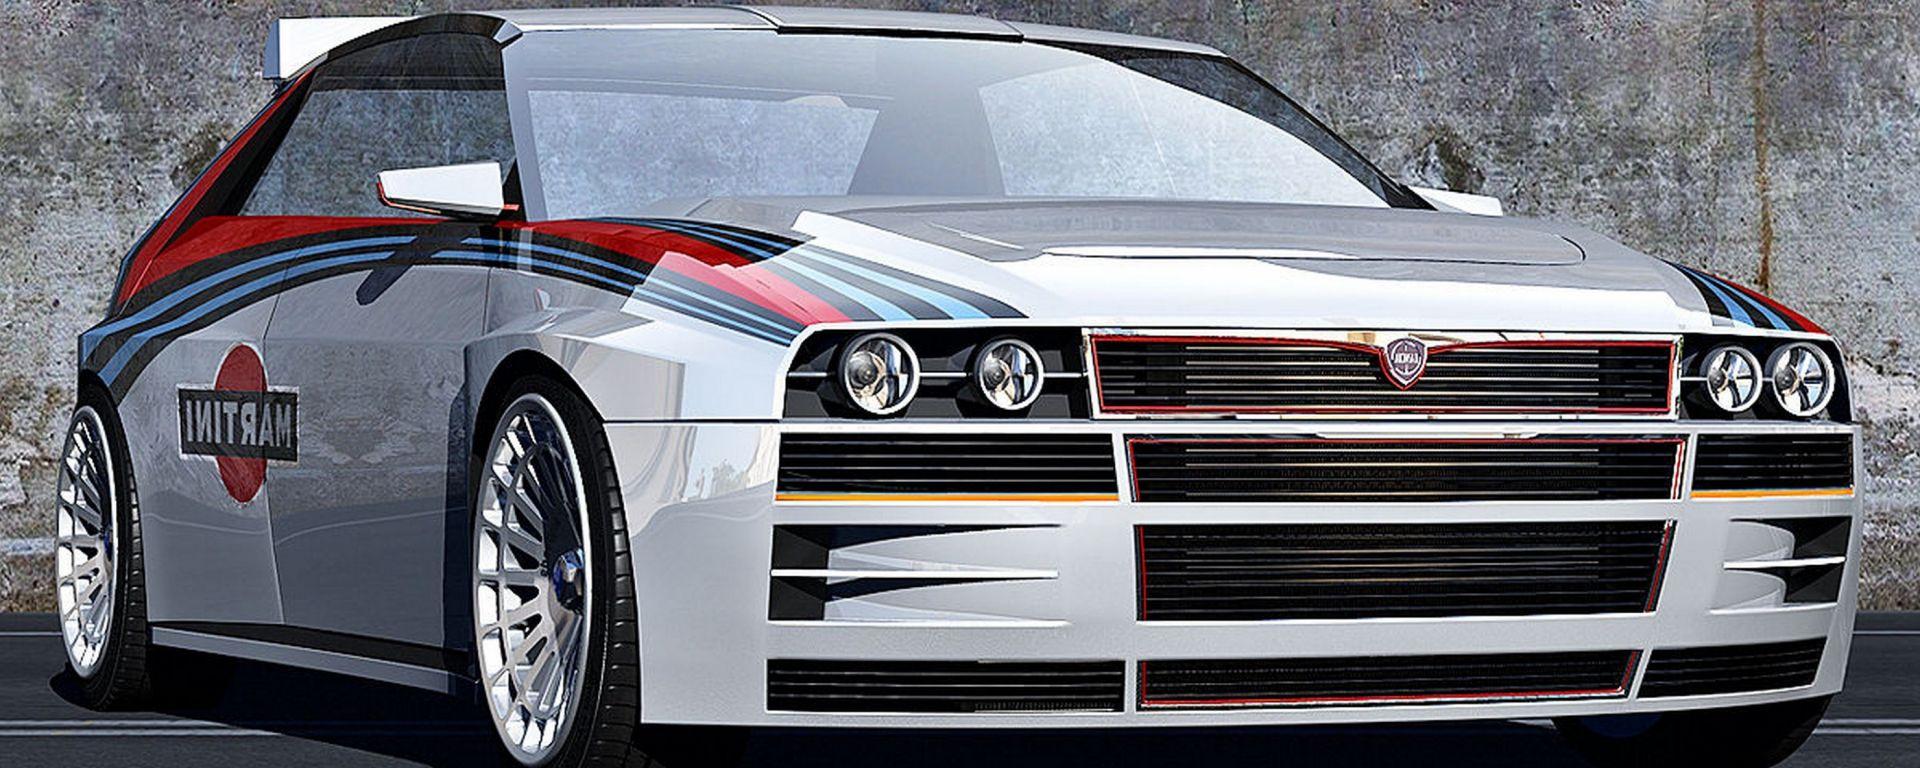 La nuova Lancia Delta è tra le auto più attese dal nostro pubblico.